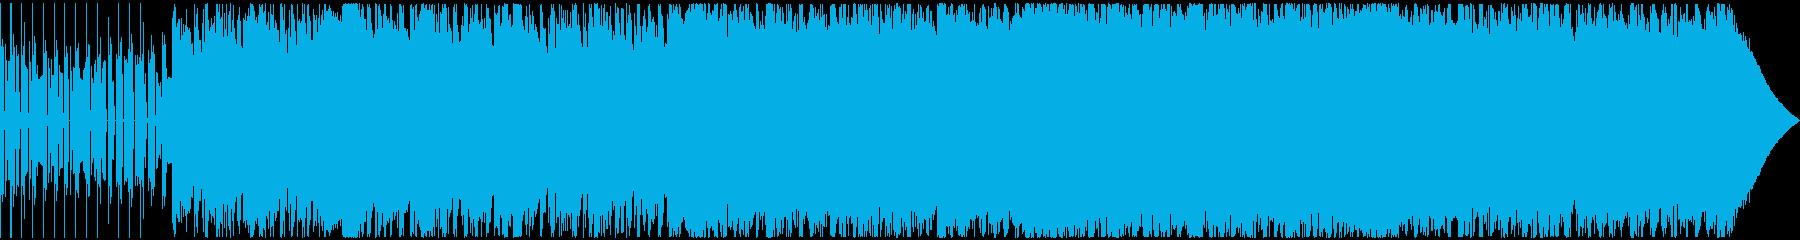 ポップ テクノ ハードコア ダブス...の再生済みの波形